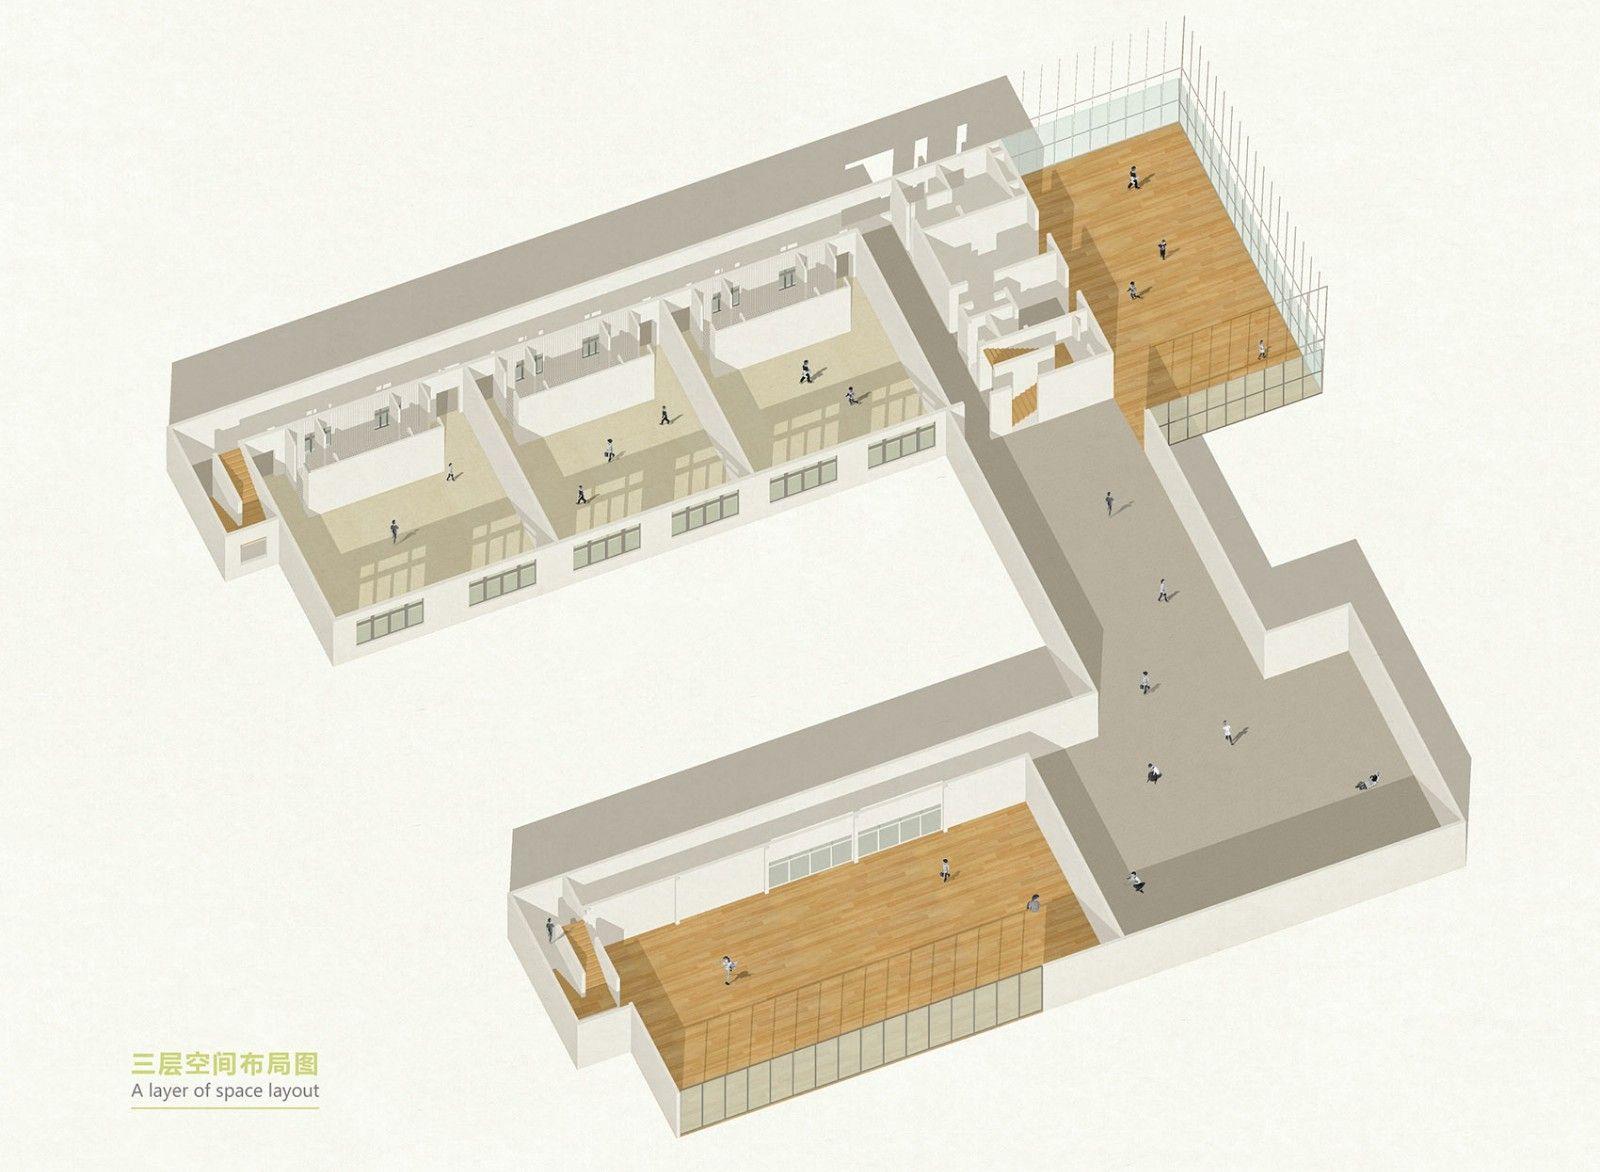 十堰A+自然幼儿园,湖北 / 迪卡幼儿园设计中心